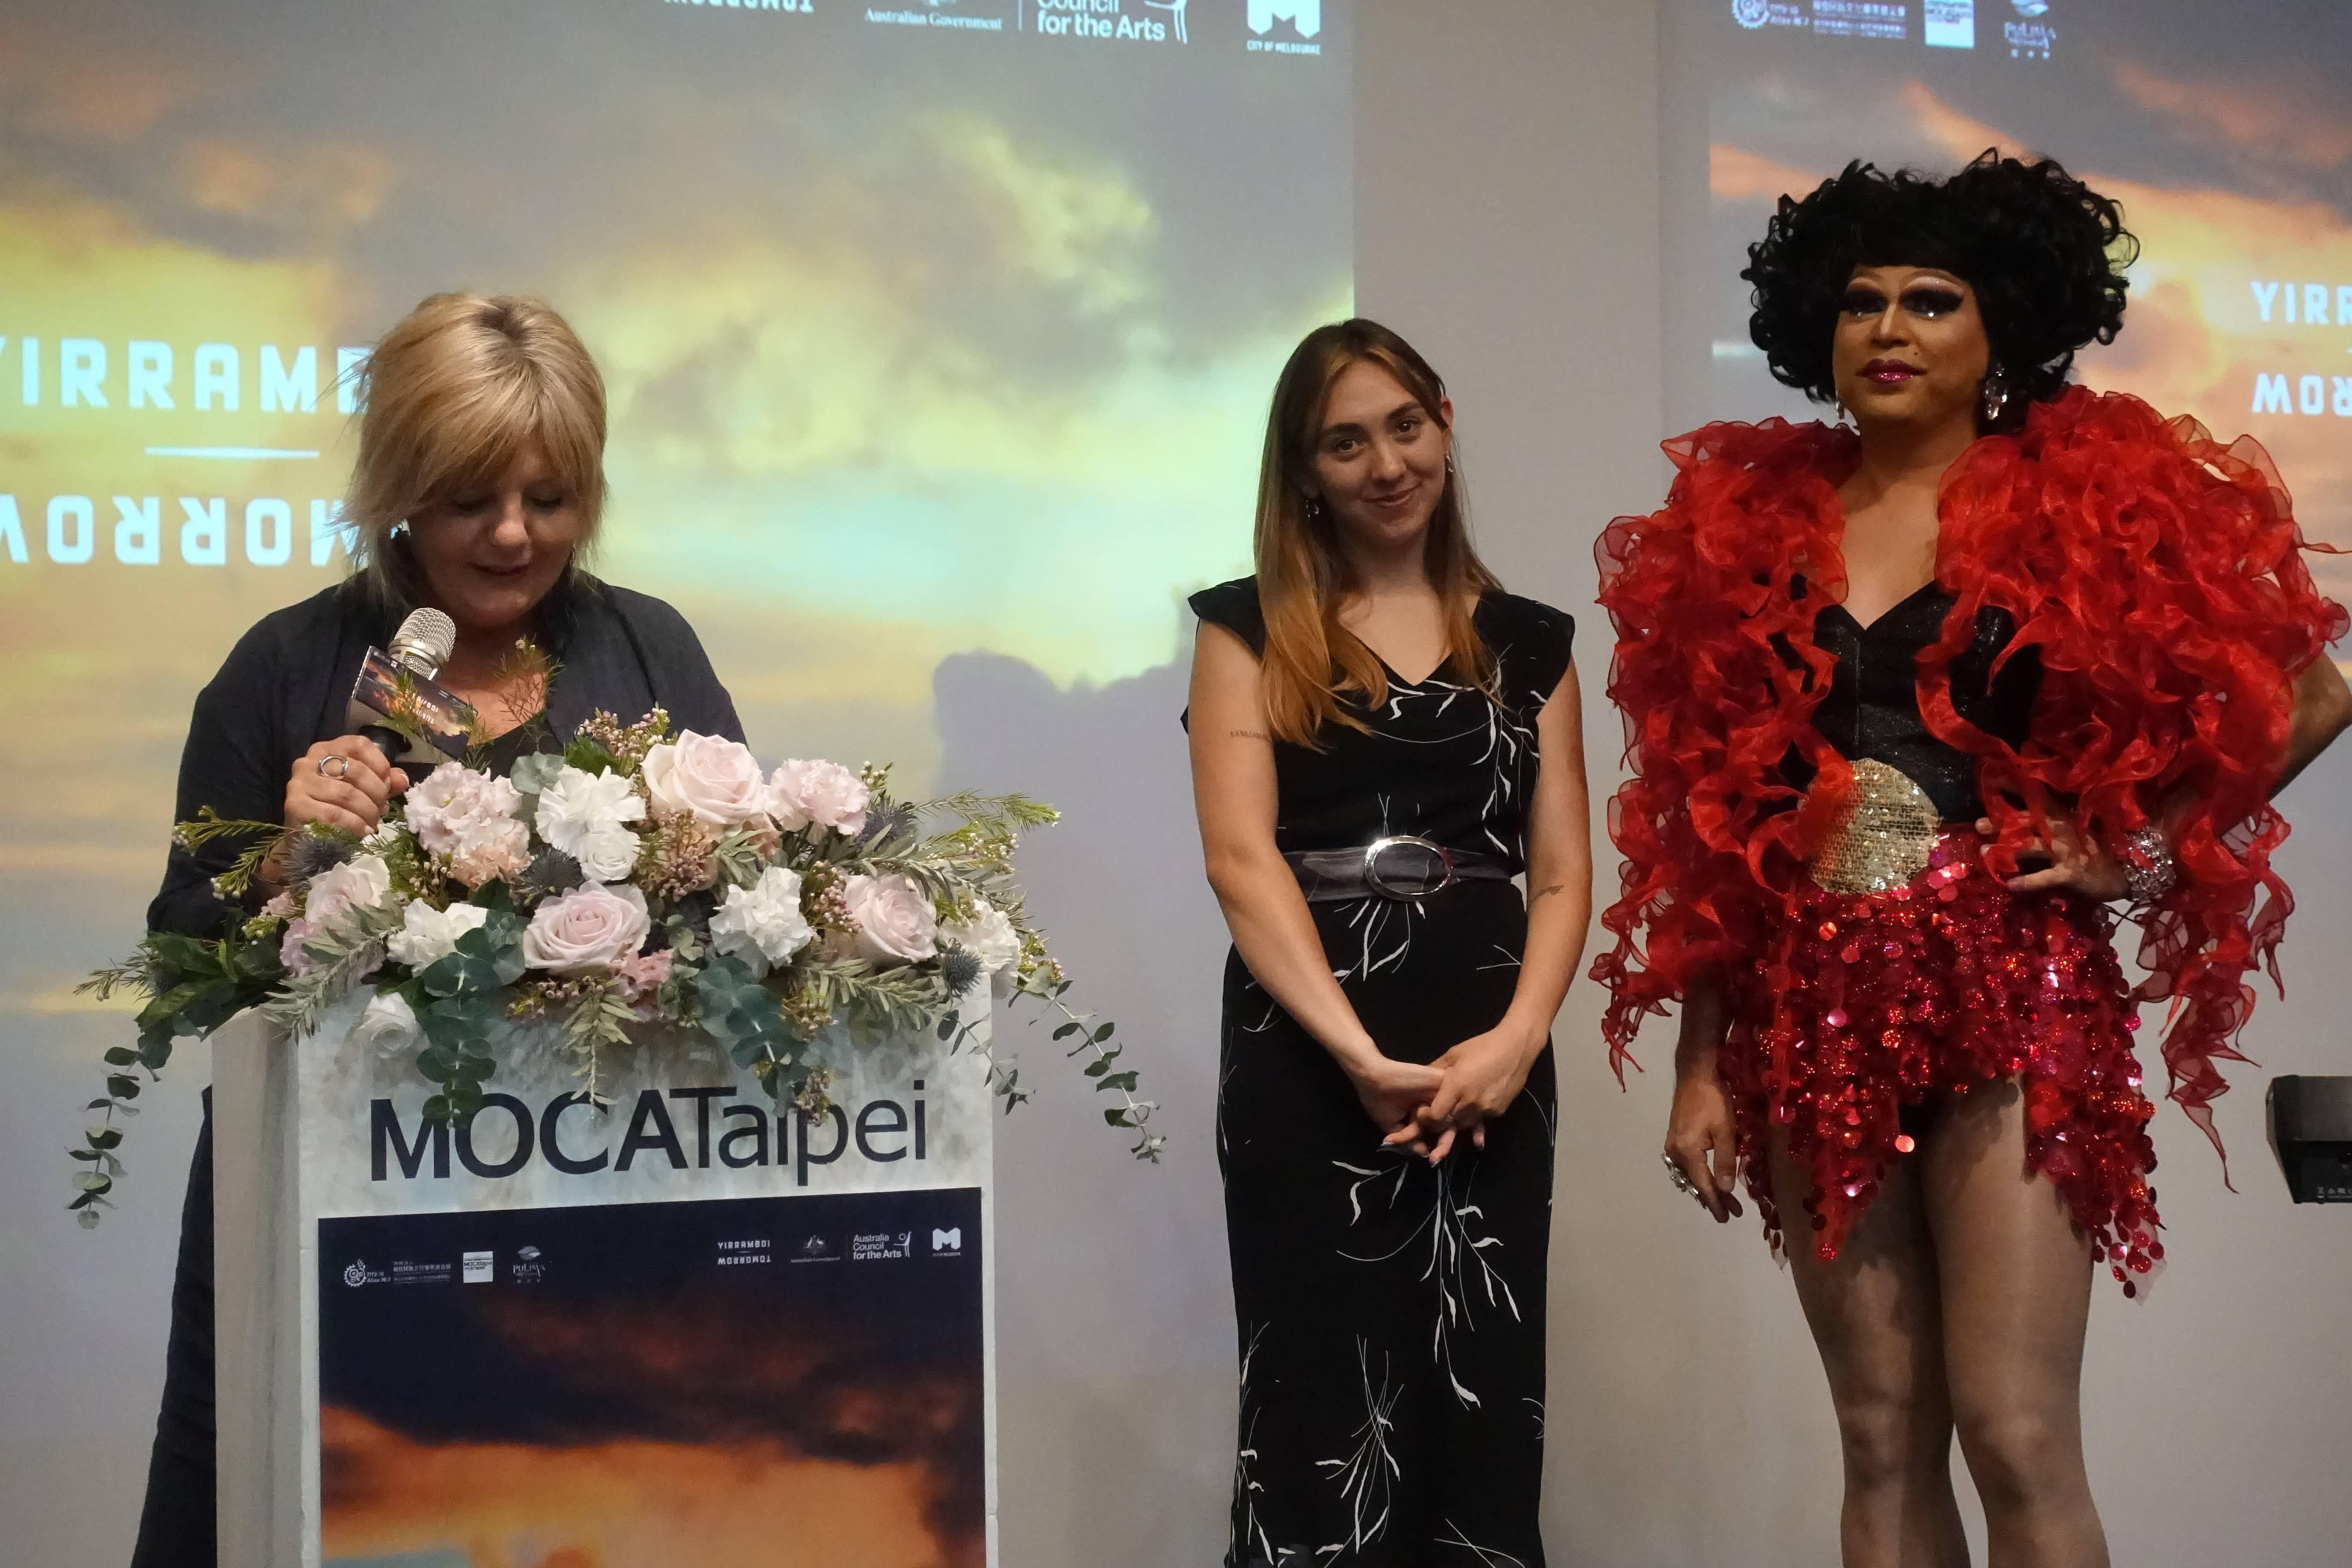 澳洲明日藝術節總監卡洛琳.馬汀(Caroline Martin)與藝術家歌手艾麗絲.史凱(Alice Skye)以及澳洲變裝皇后班.格雷茲(Ben Graetz)。